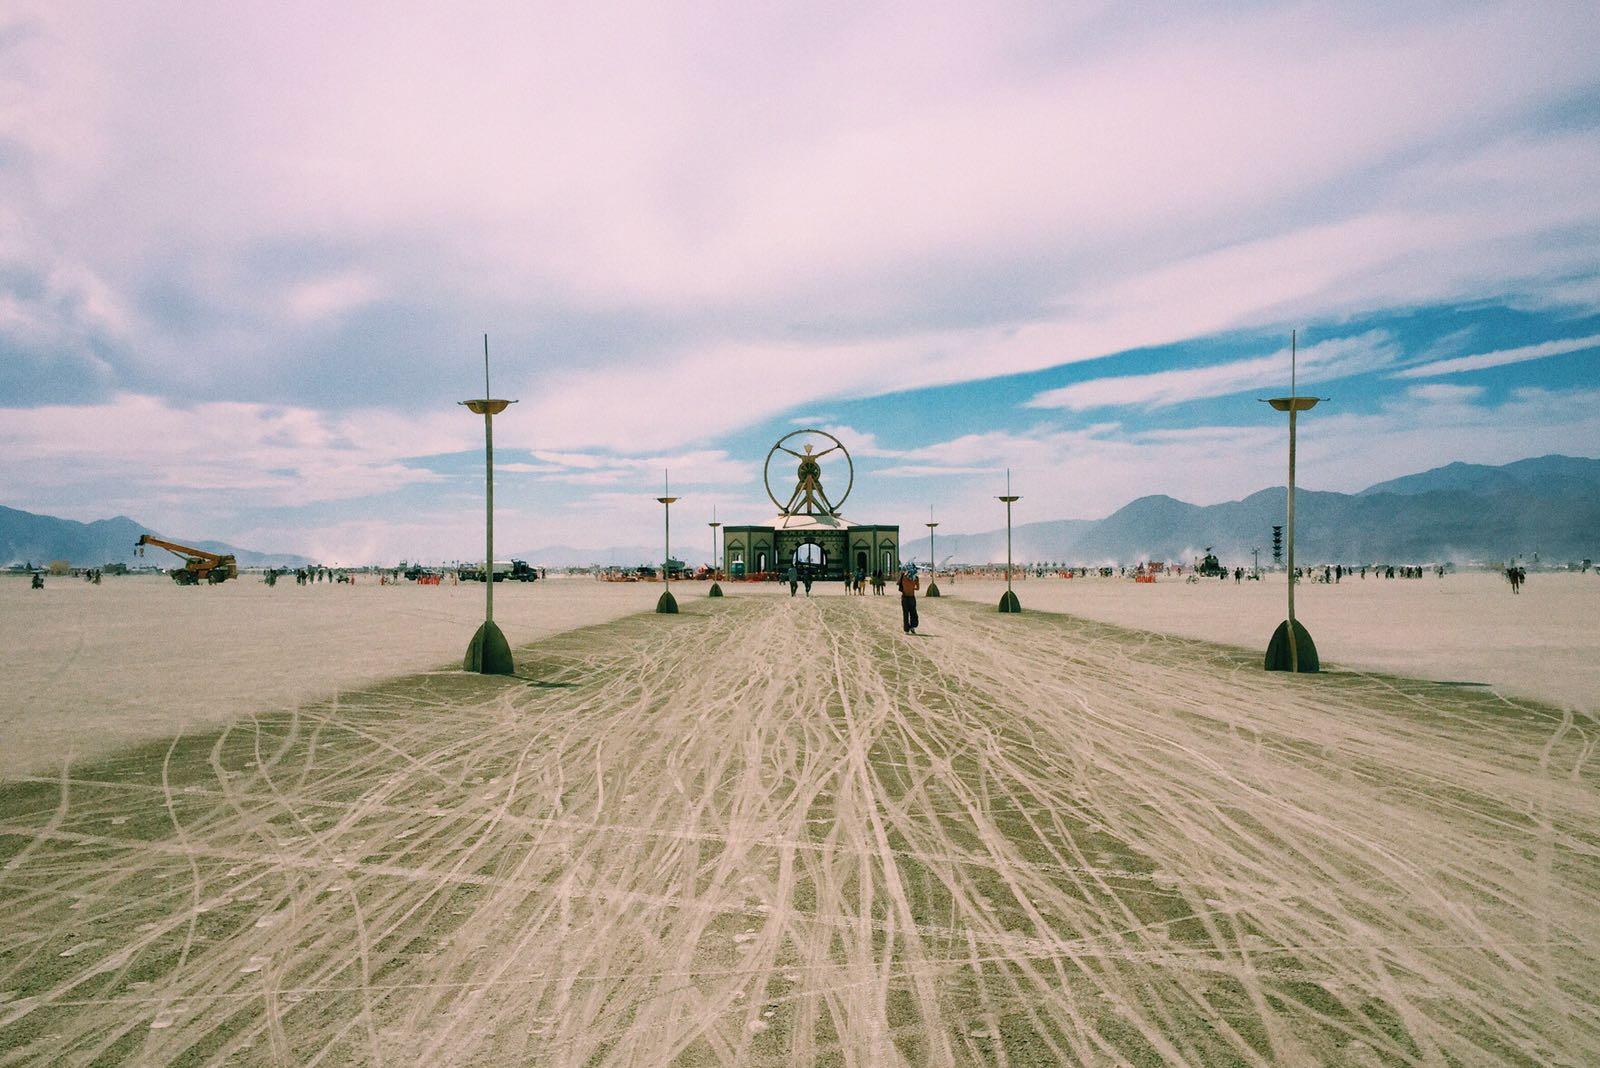 désert Burning Man statue roadtrip